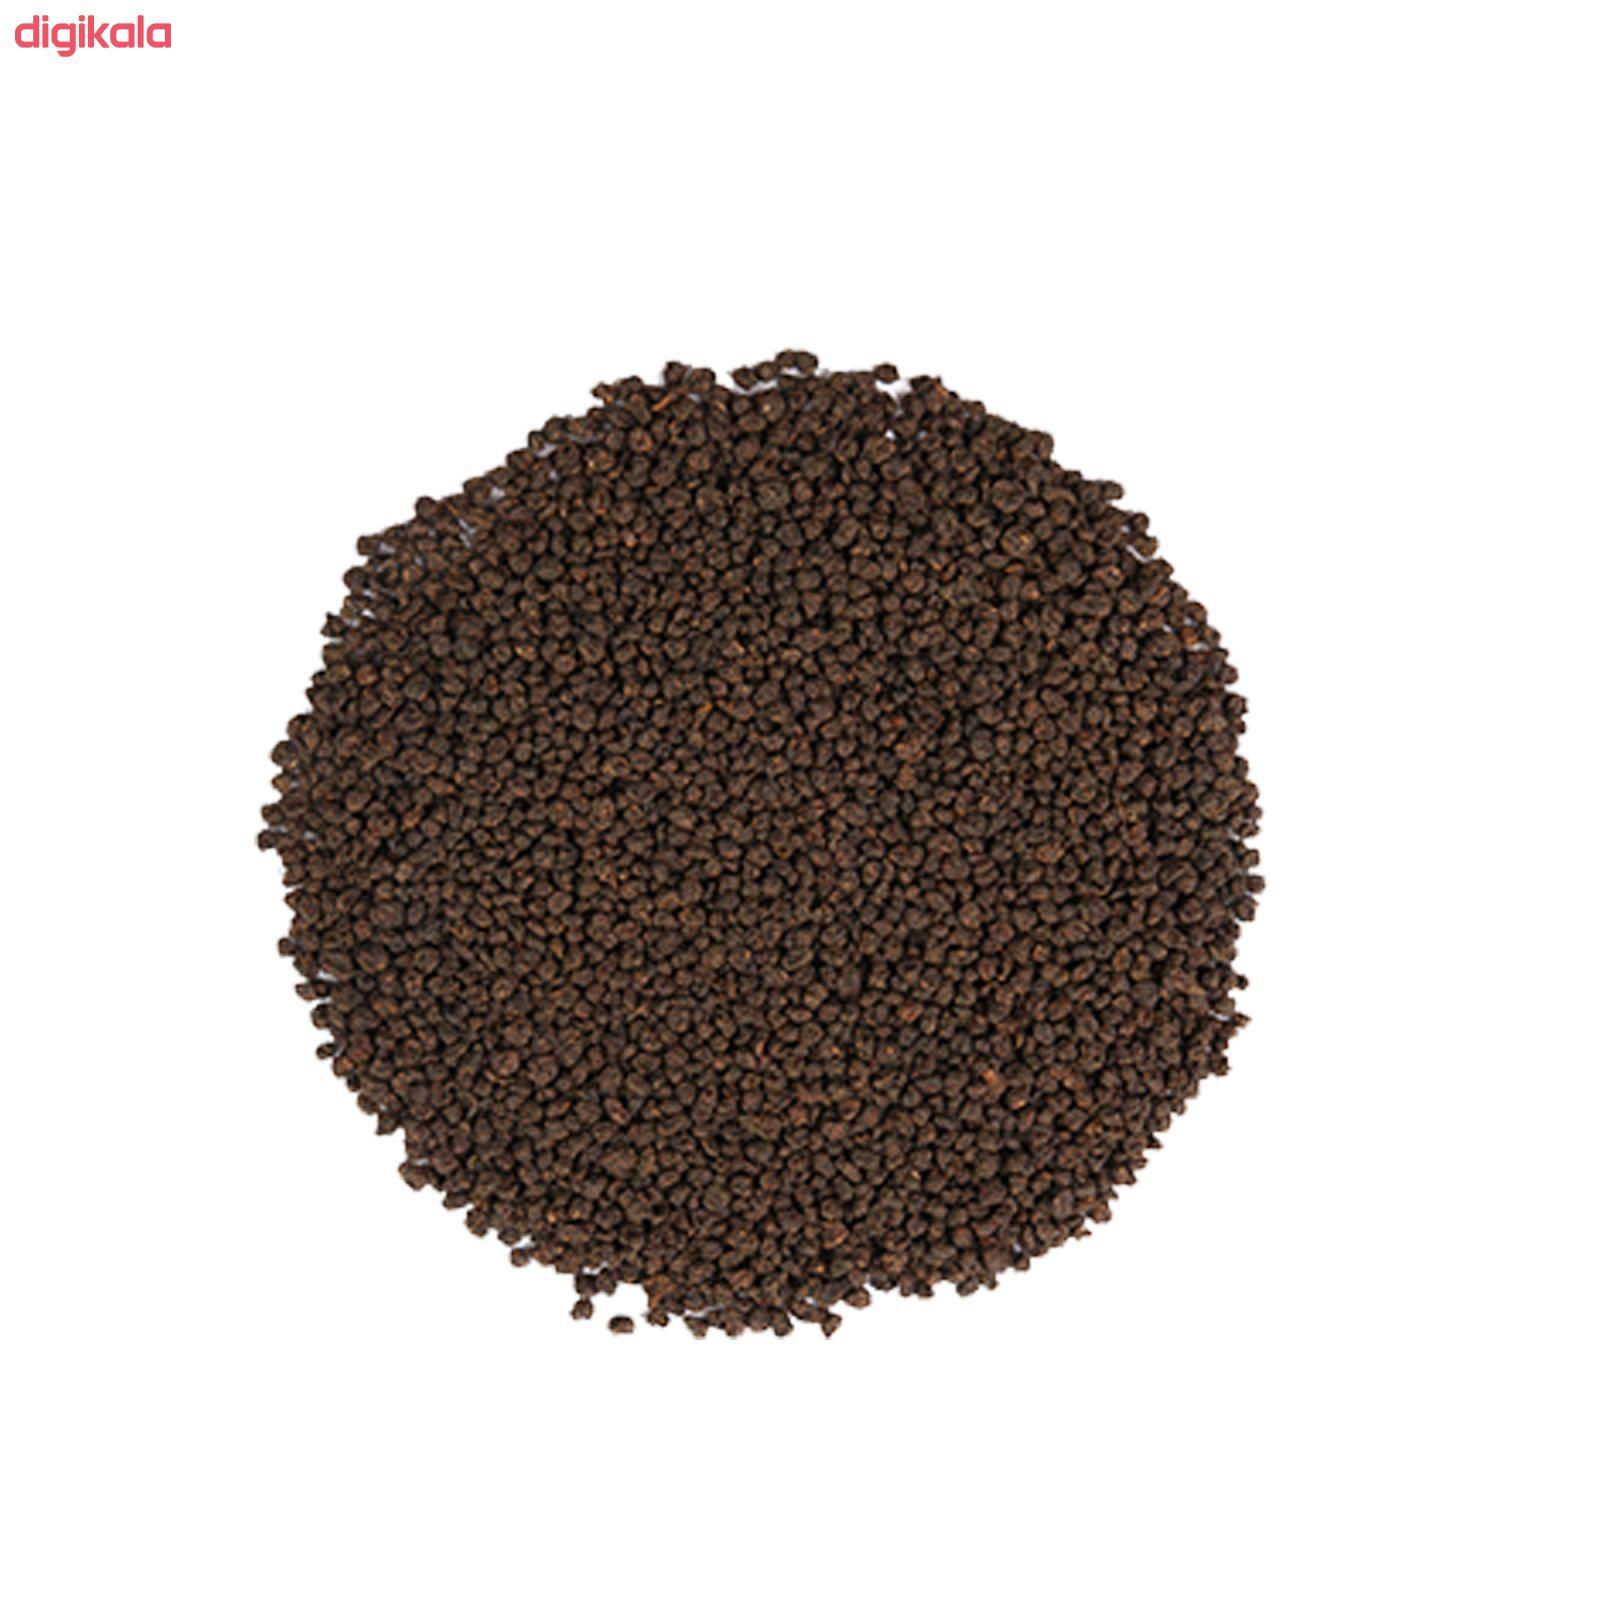 چای خارجه سی تی سی عطری چای دبش - 500 گرم main 1 1